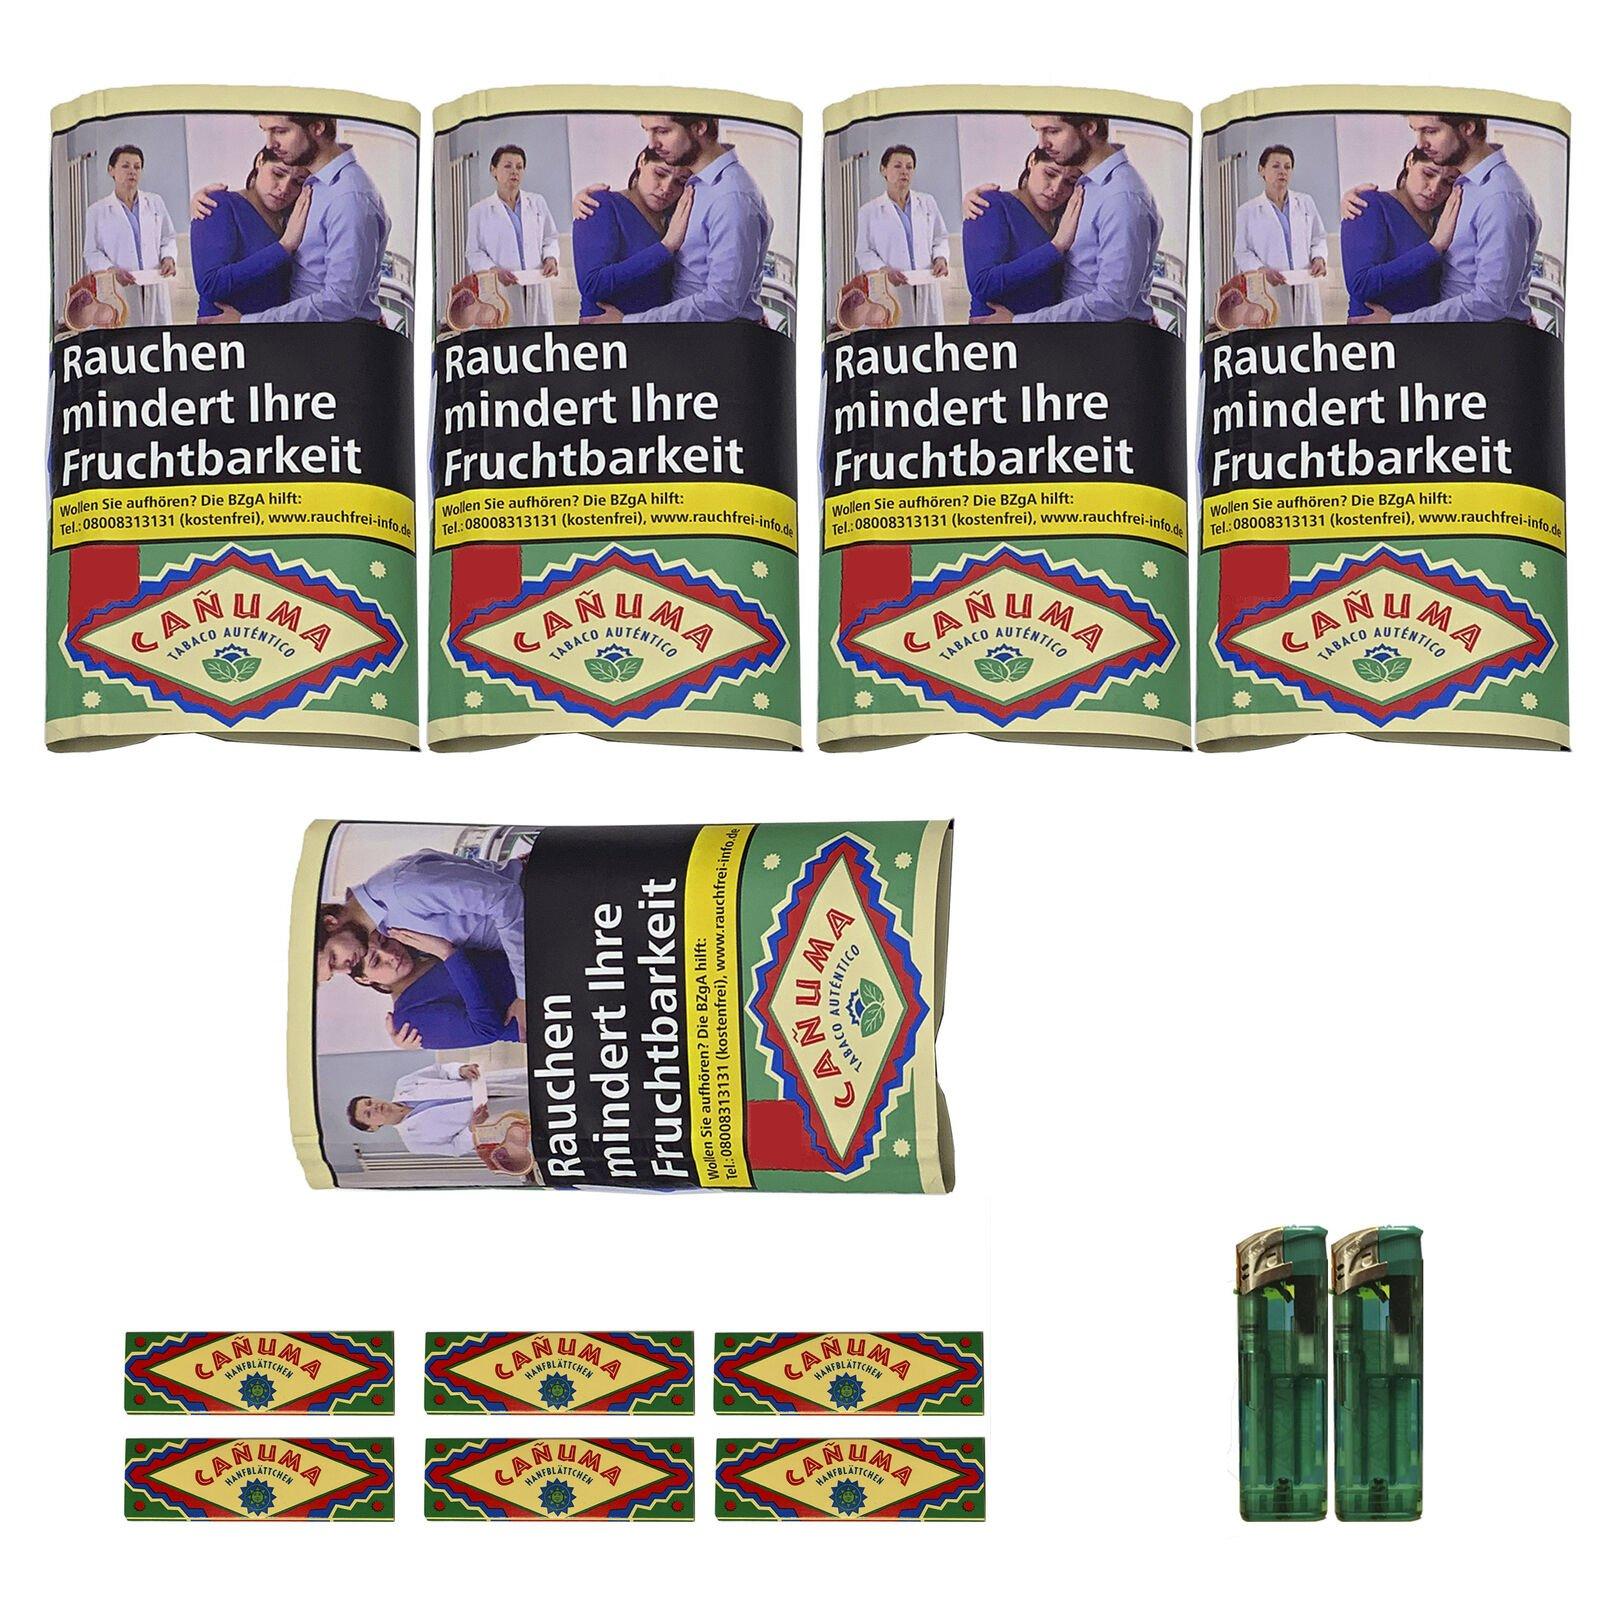 5x Canuma Drehtabak 30 g Pouch, Blätttchen + Zubehör